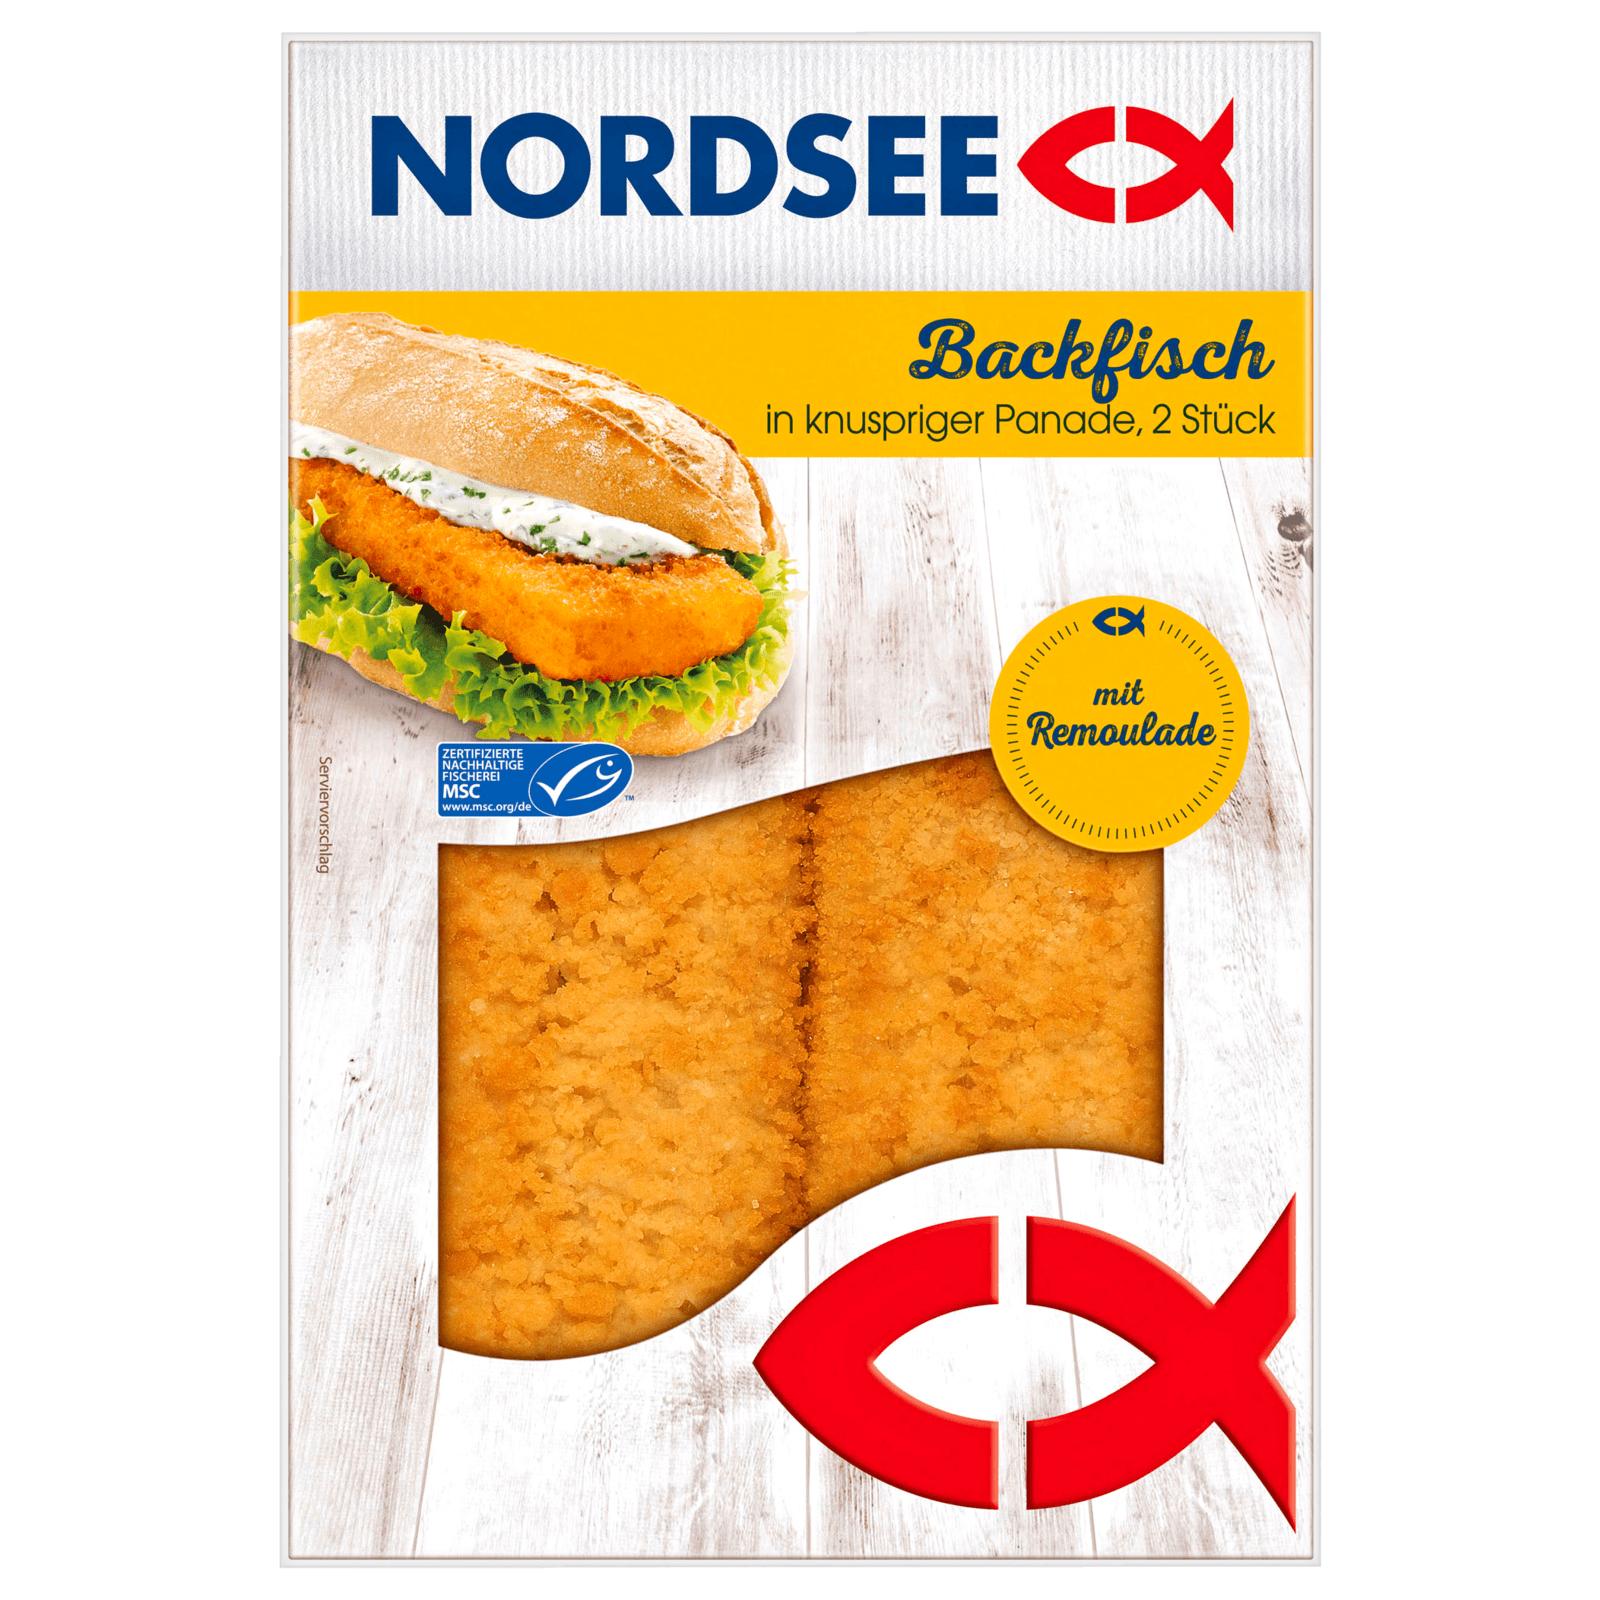 Nordsee Backfisch mit Remoulade Genuss für Zuhause mit Sofortrabatt (Coupon) bei Rewe oder an den real SB-Kasse für 1,49€